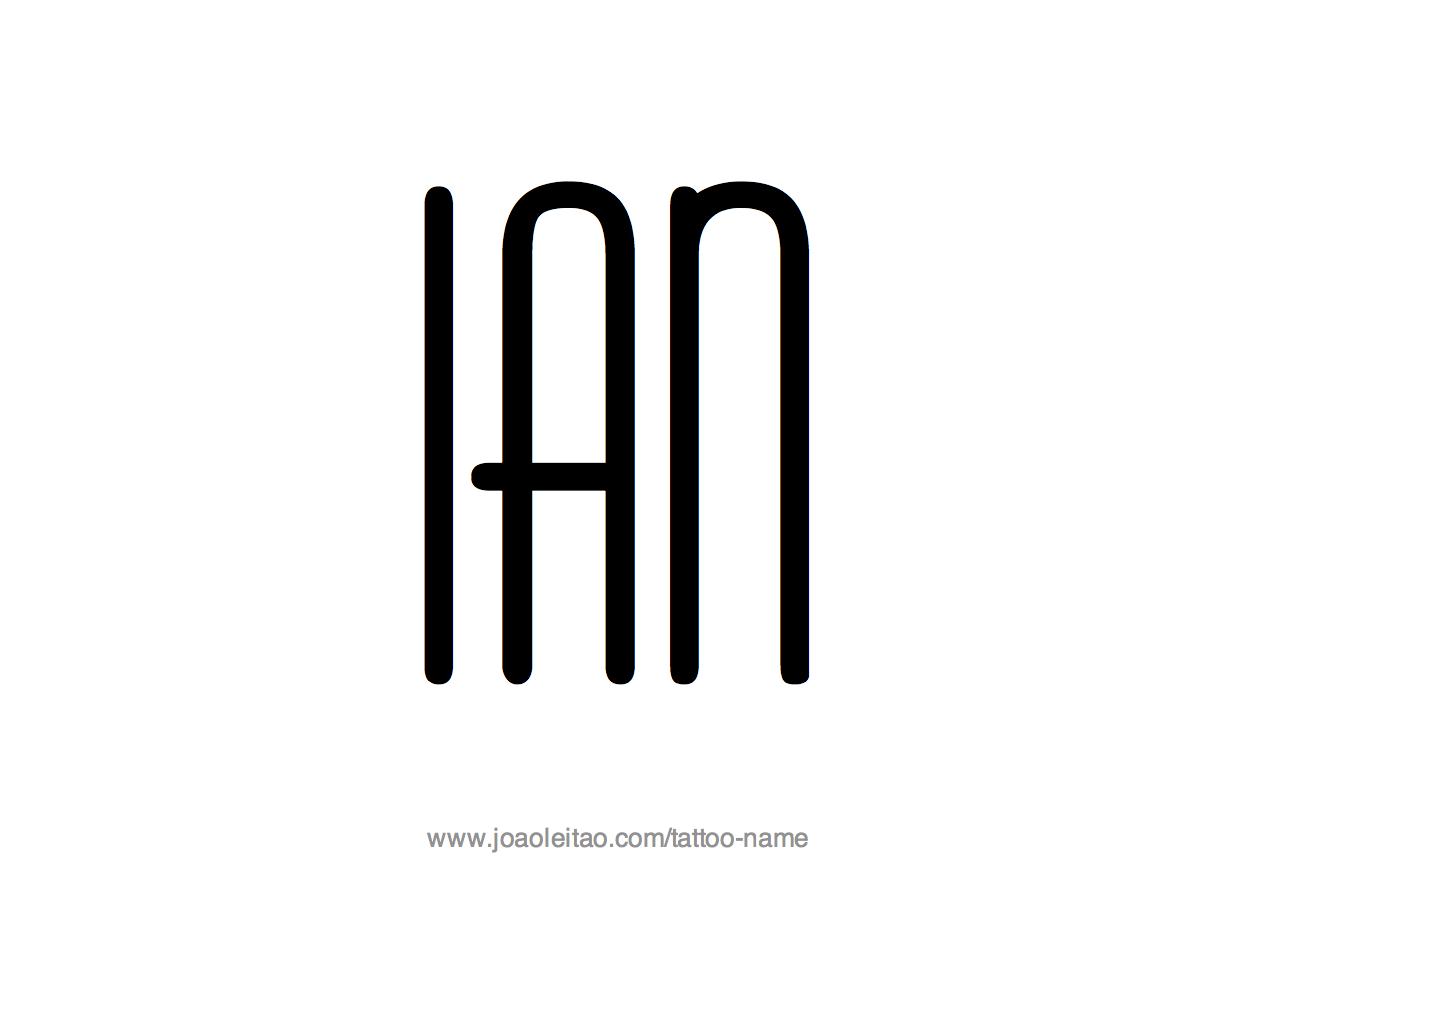 Tattoo Design Name Ian